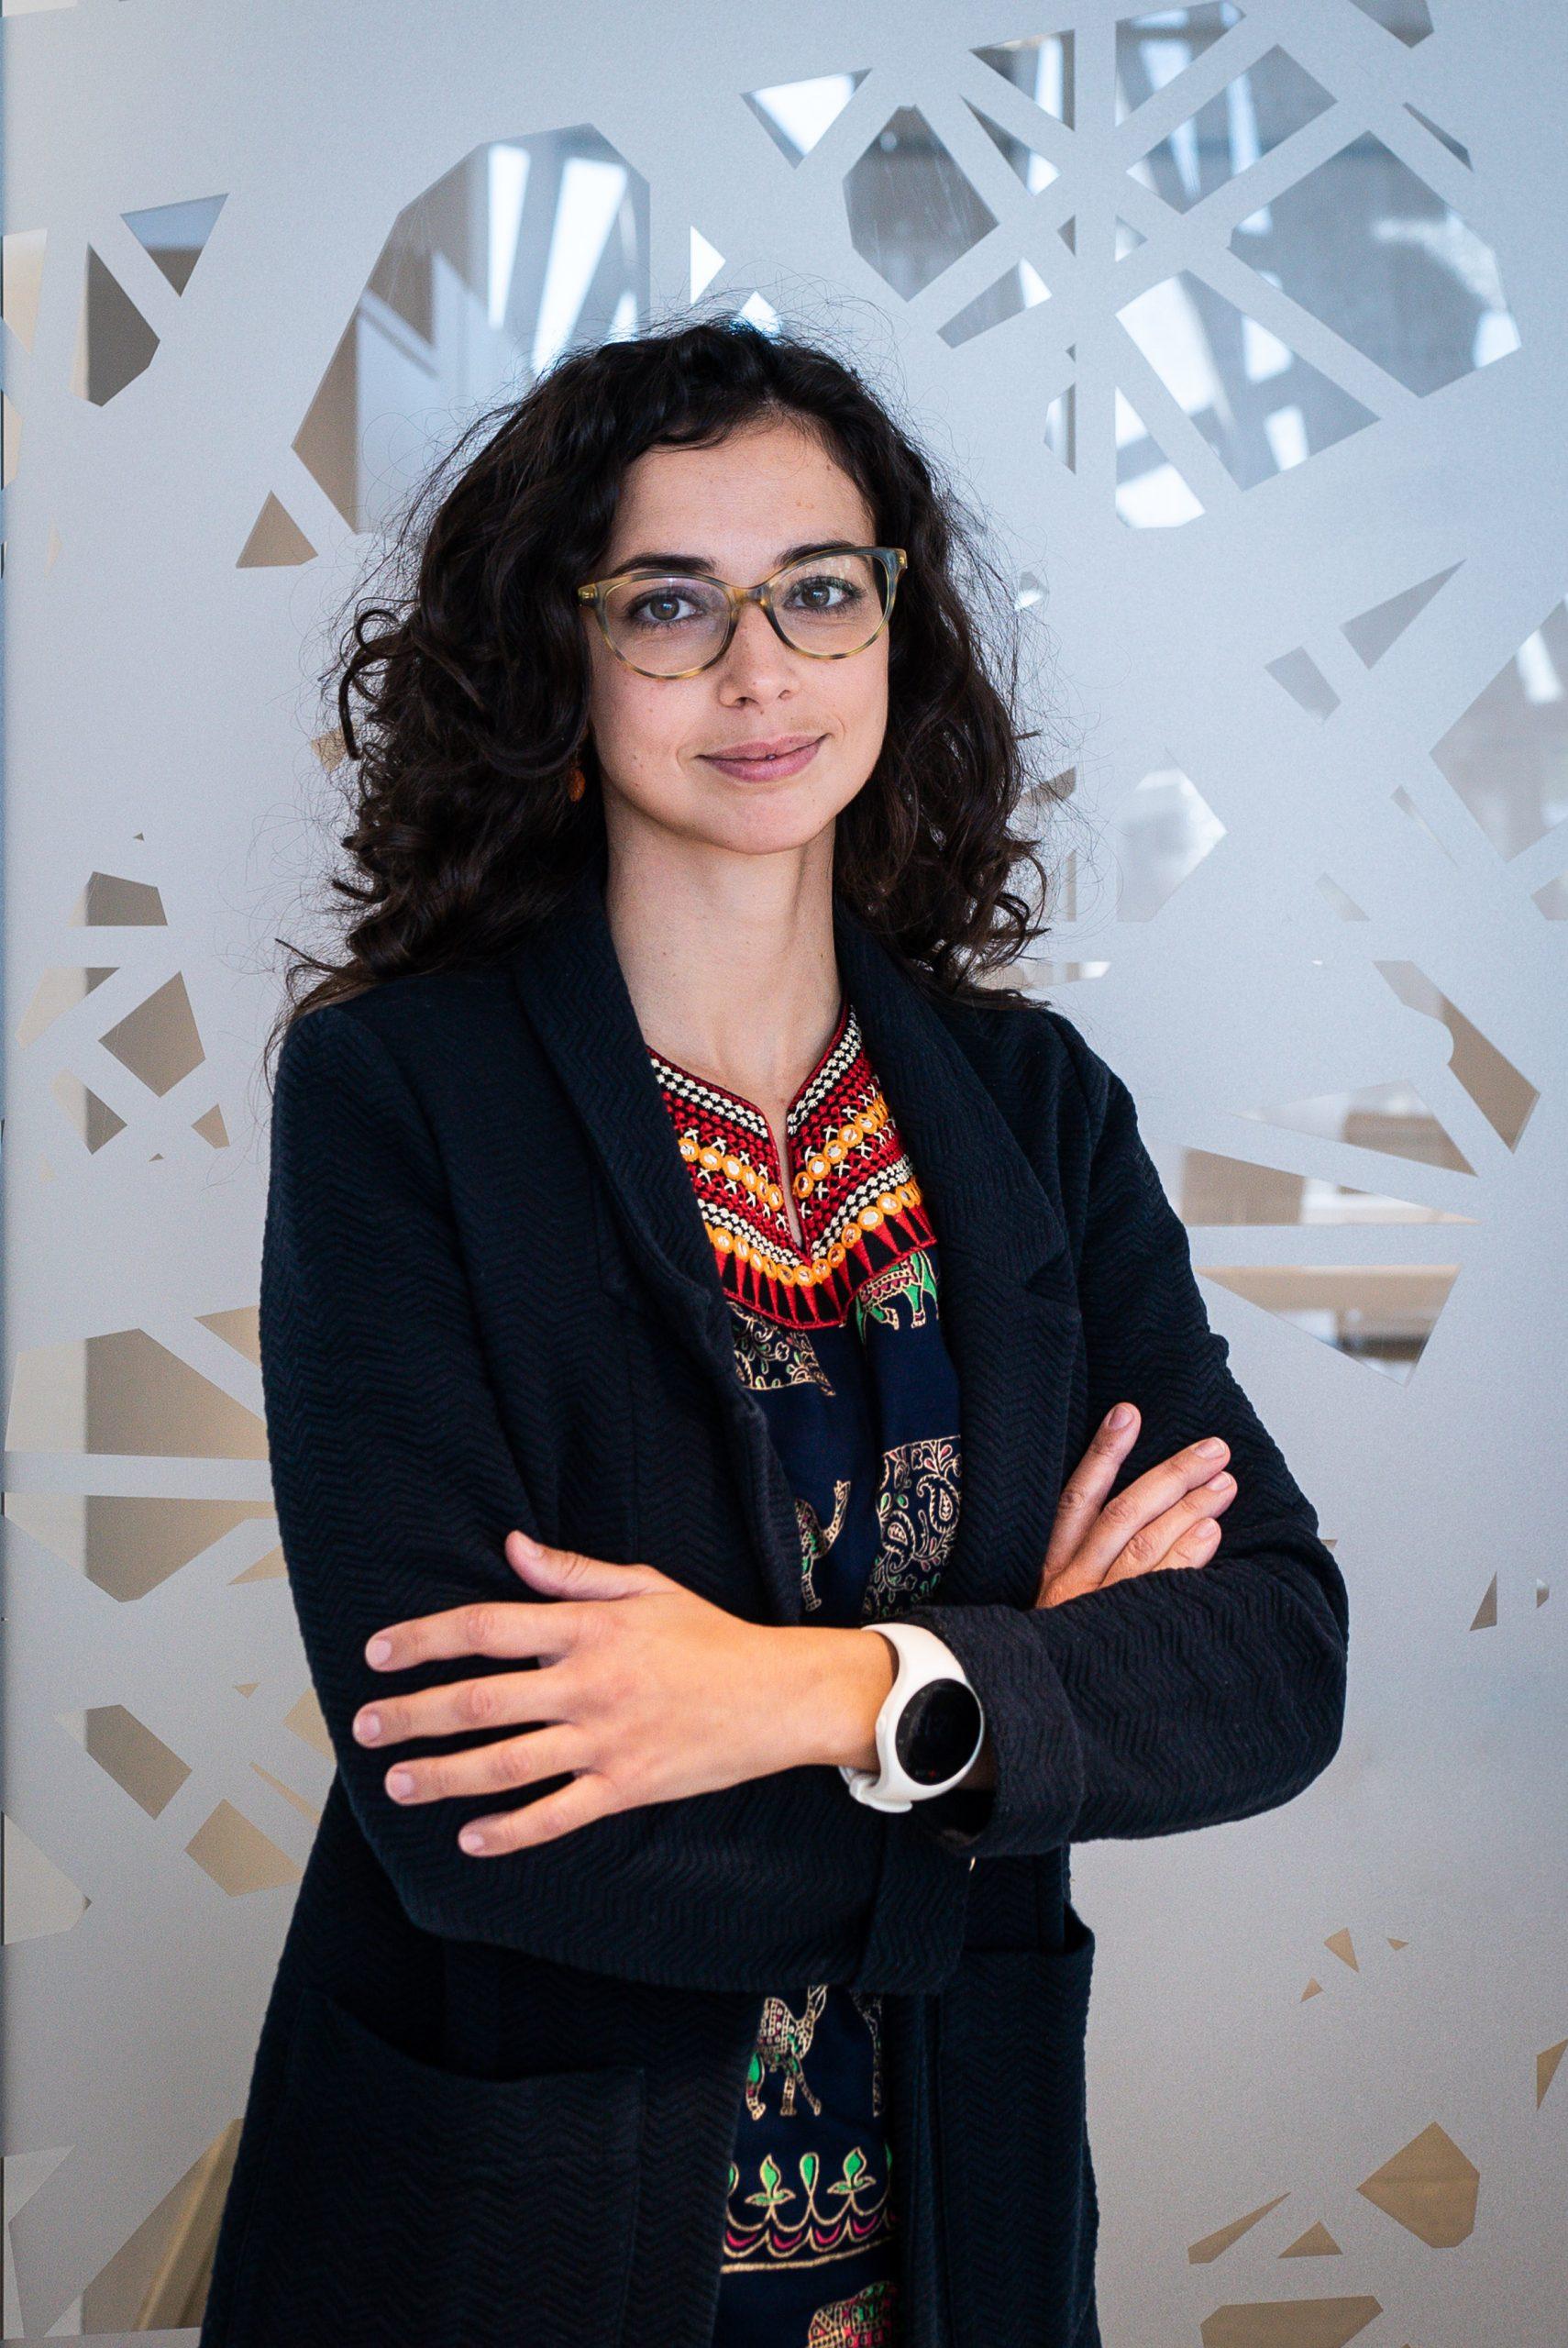 Cristina Letizia